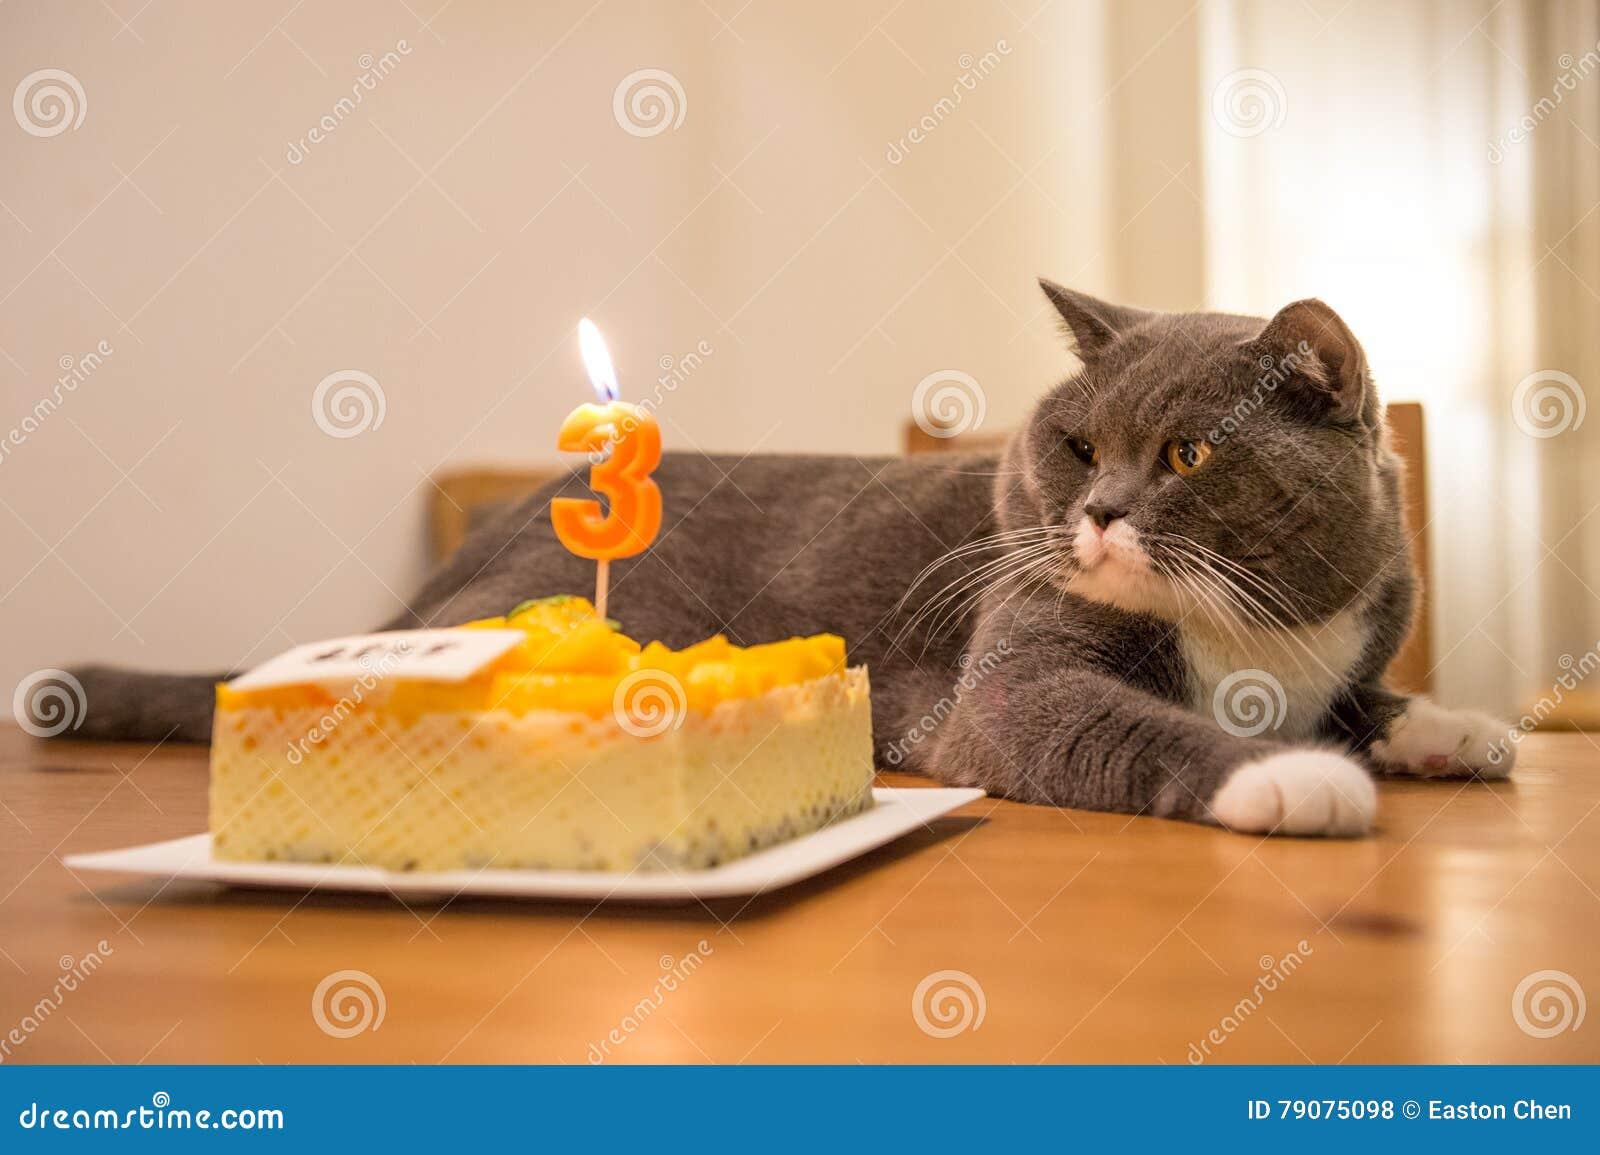 The British Shorthair And Birthday Cake Stock Photo Image Of